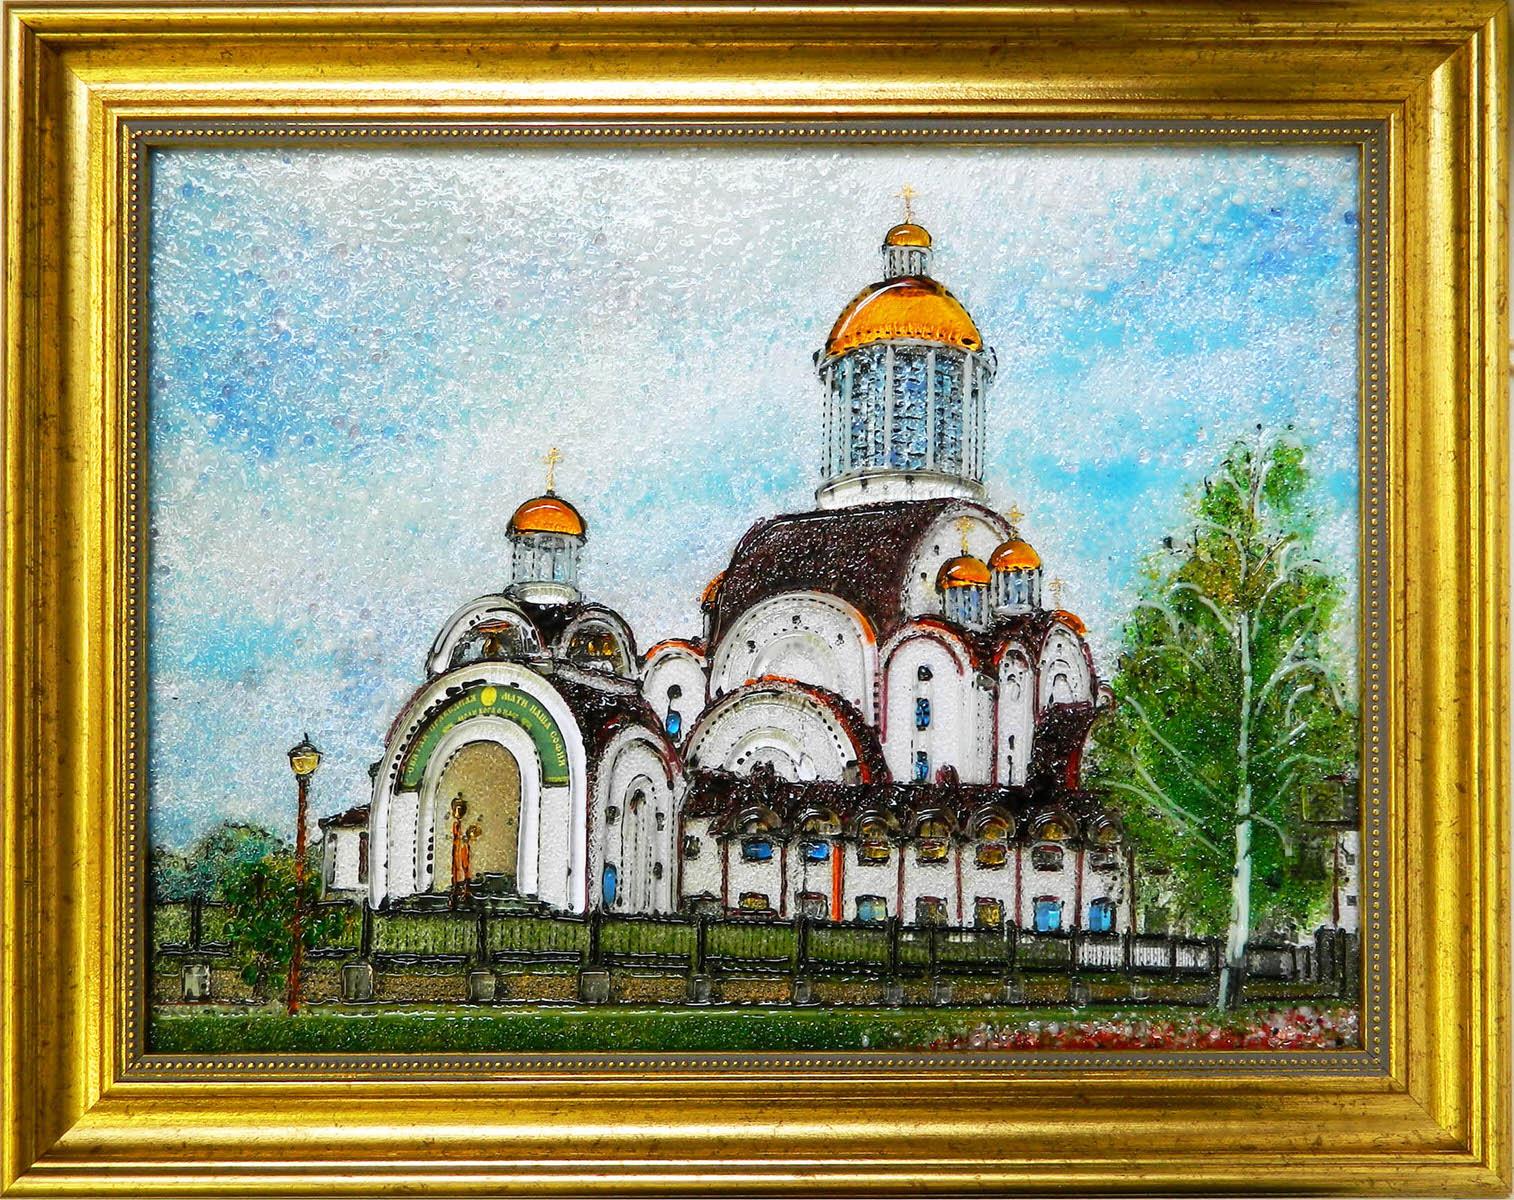 Картина из стекла Кафедральный собор Рождества Христова в Солигорске